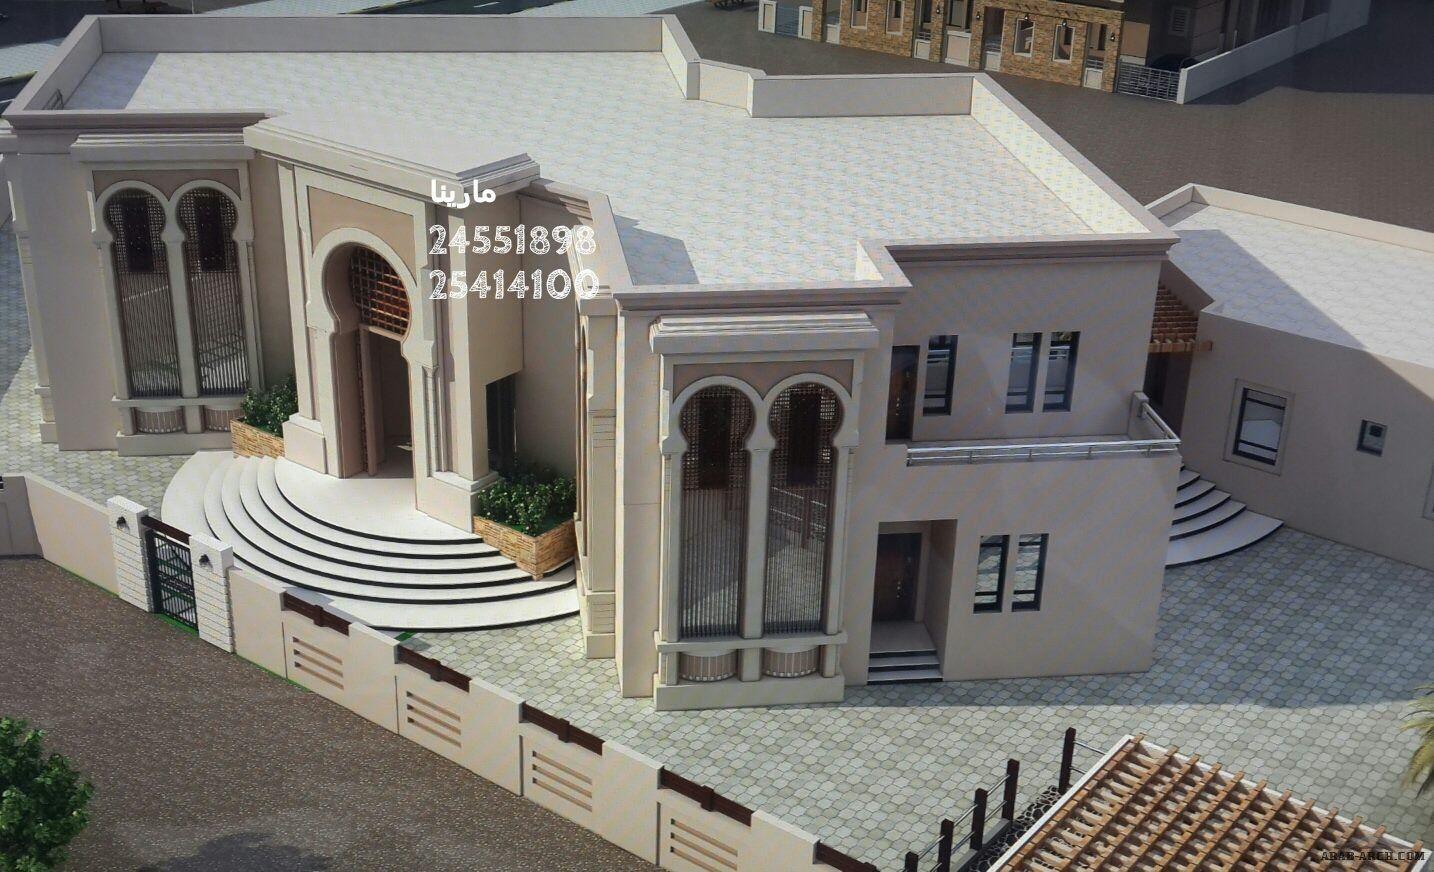 فيلا يتصميم مميز من مارينا للاستشارات الهندسية House Plan Gallery Model House Plan Beautiful House Plans